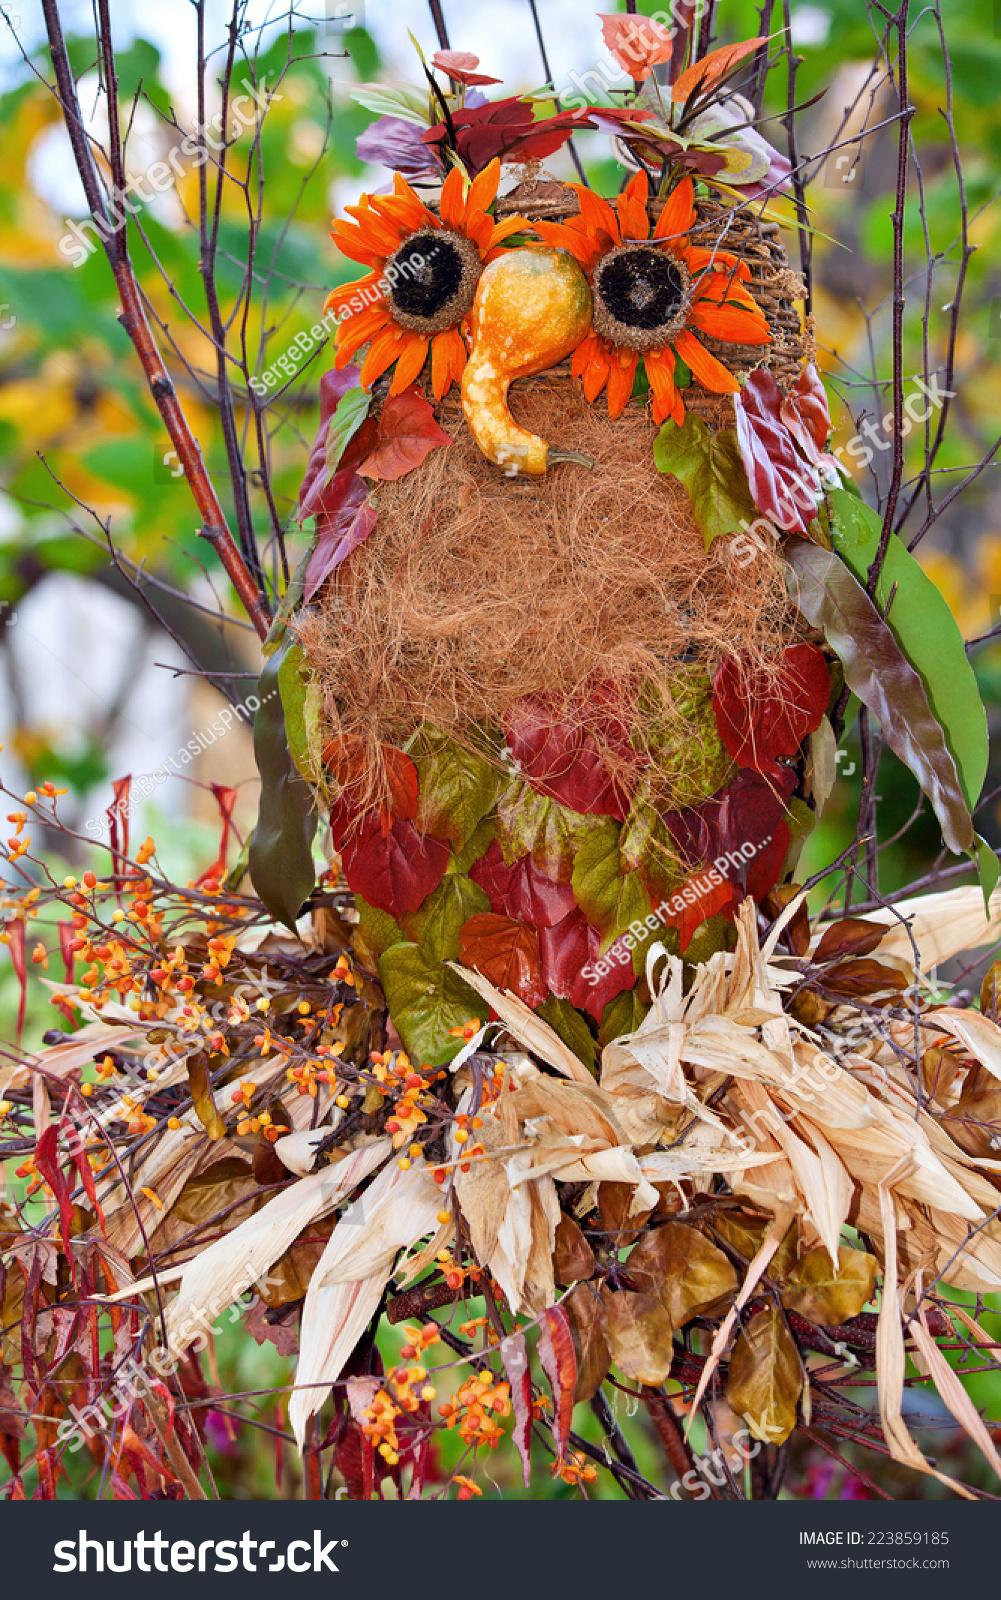 Creative Owl Scarecrow Countryside Garden Stock Photo (Edit Now ...